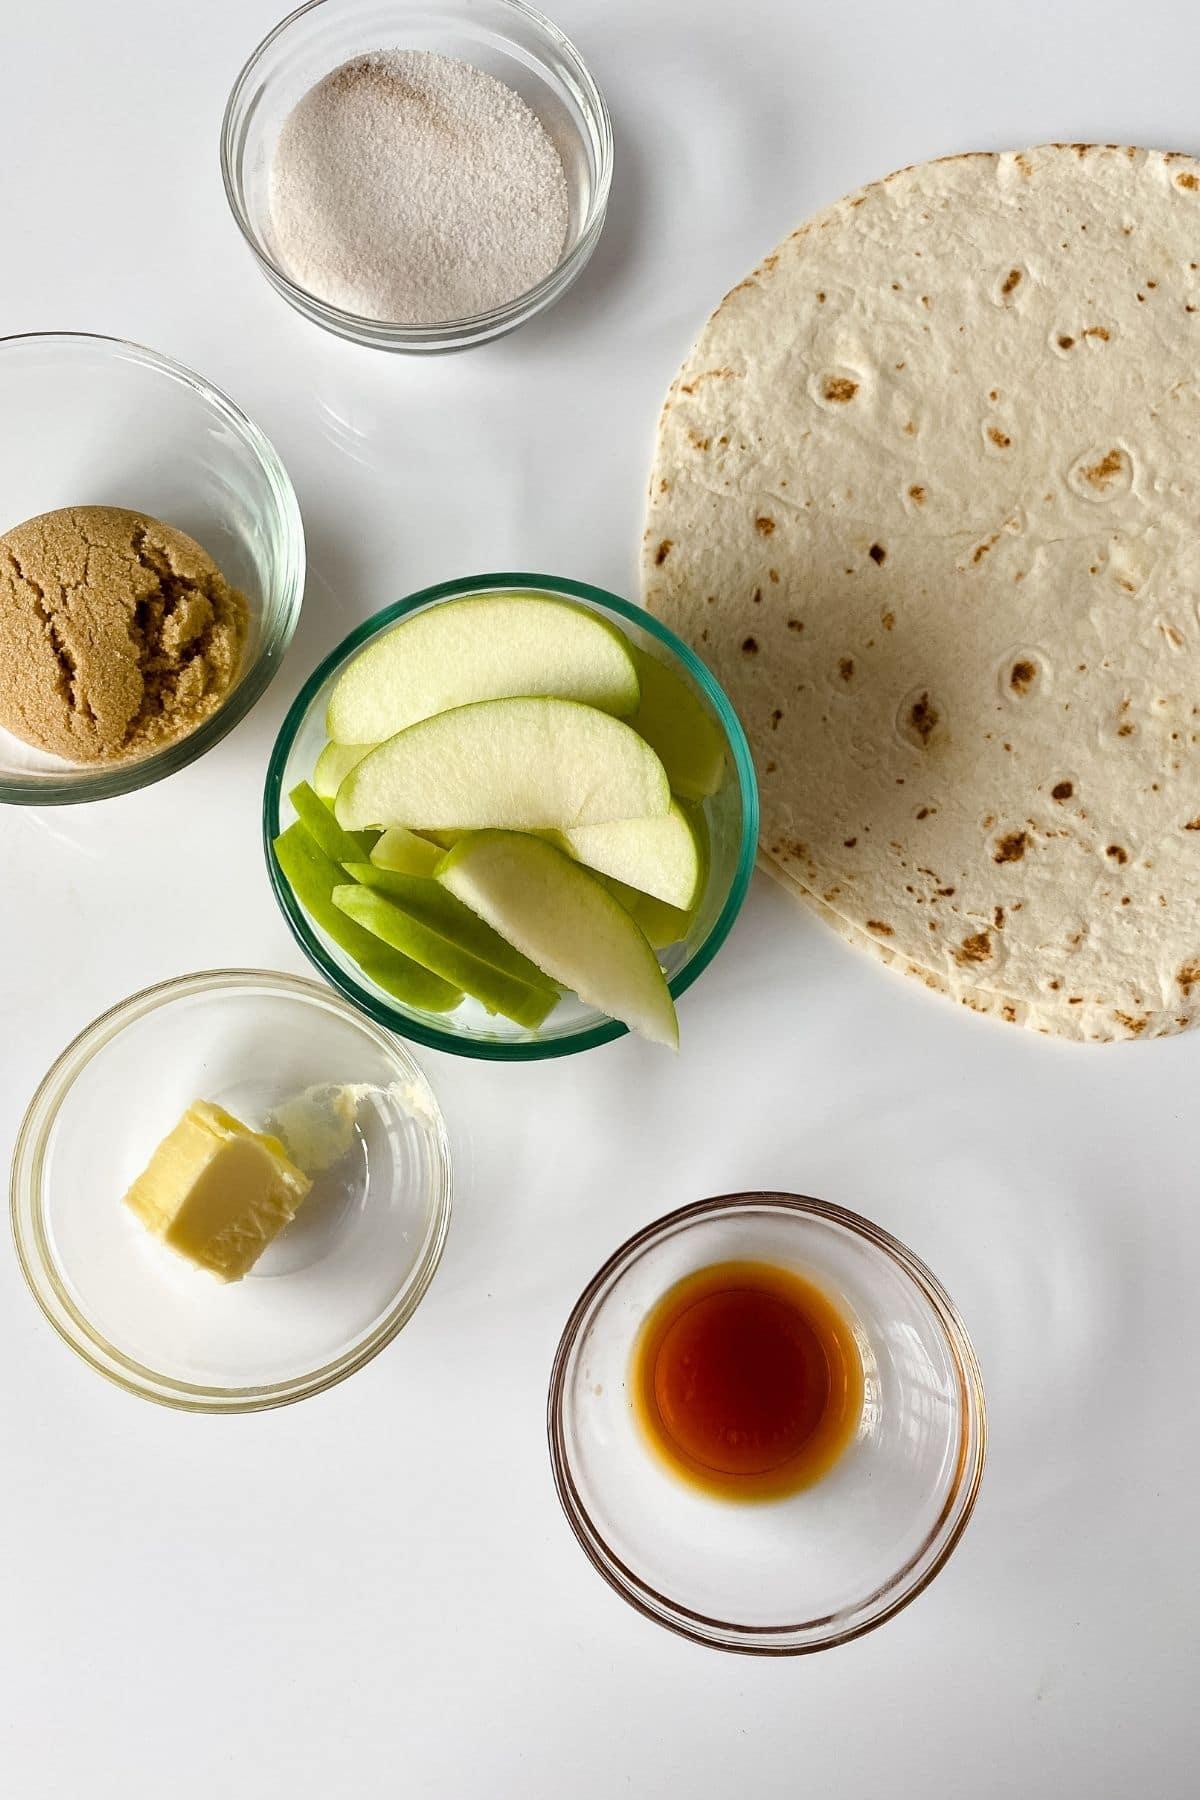 Caramel apple wrap ingredients